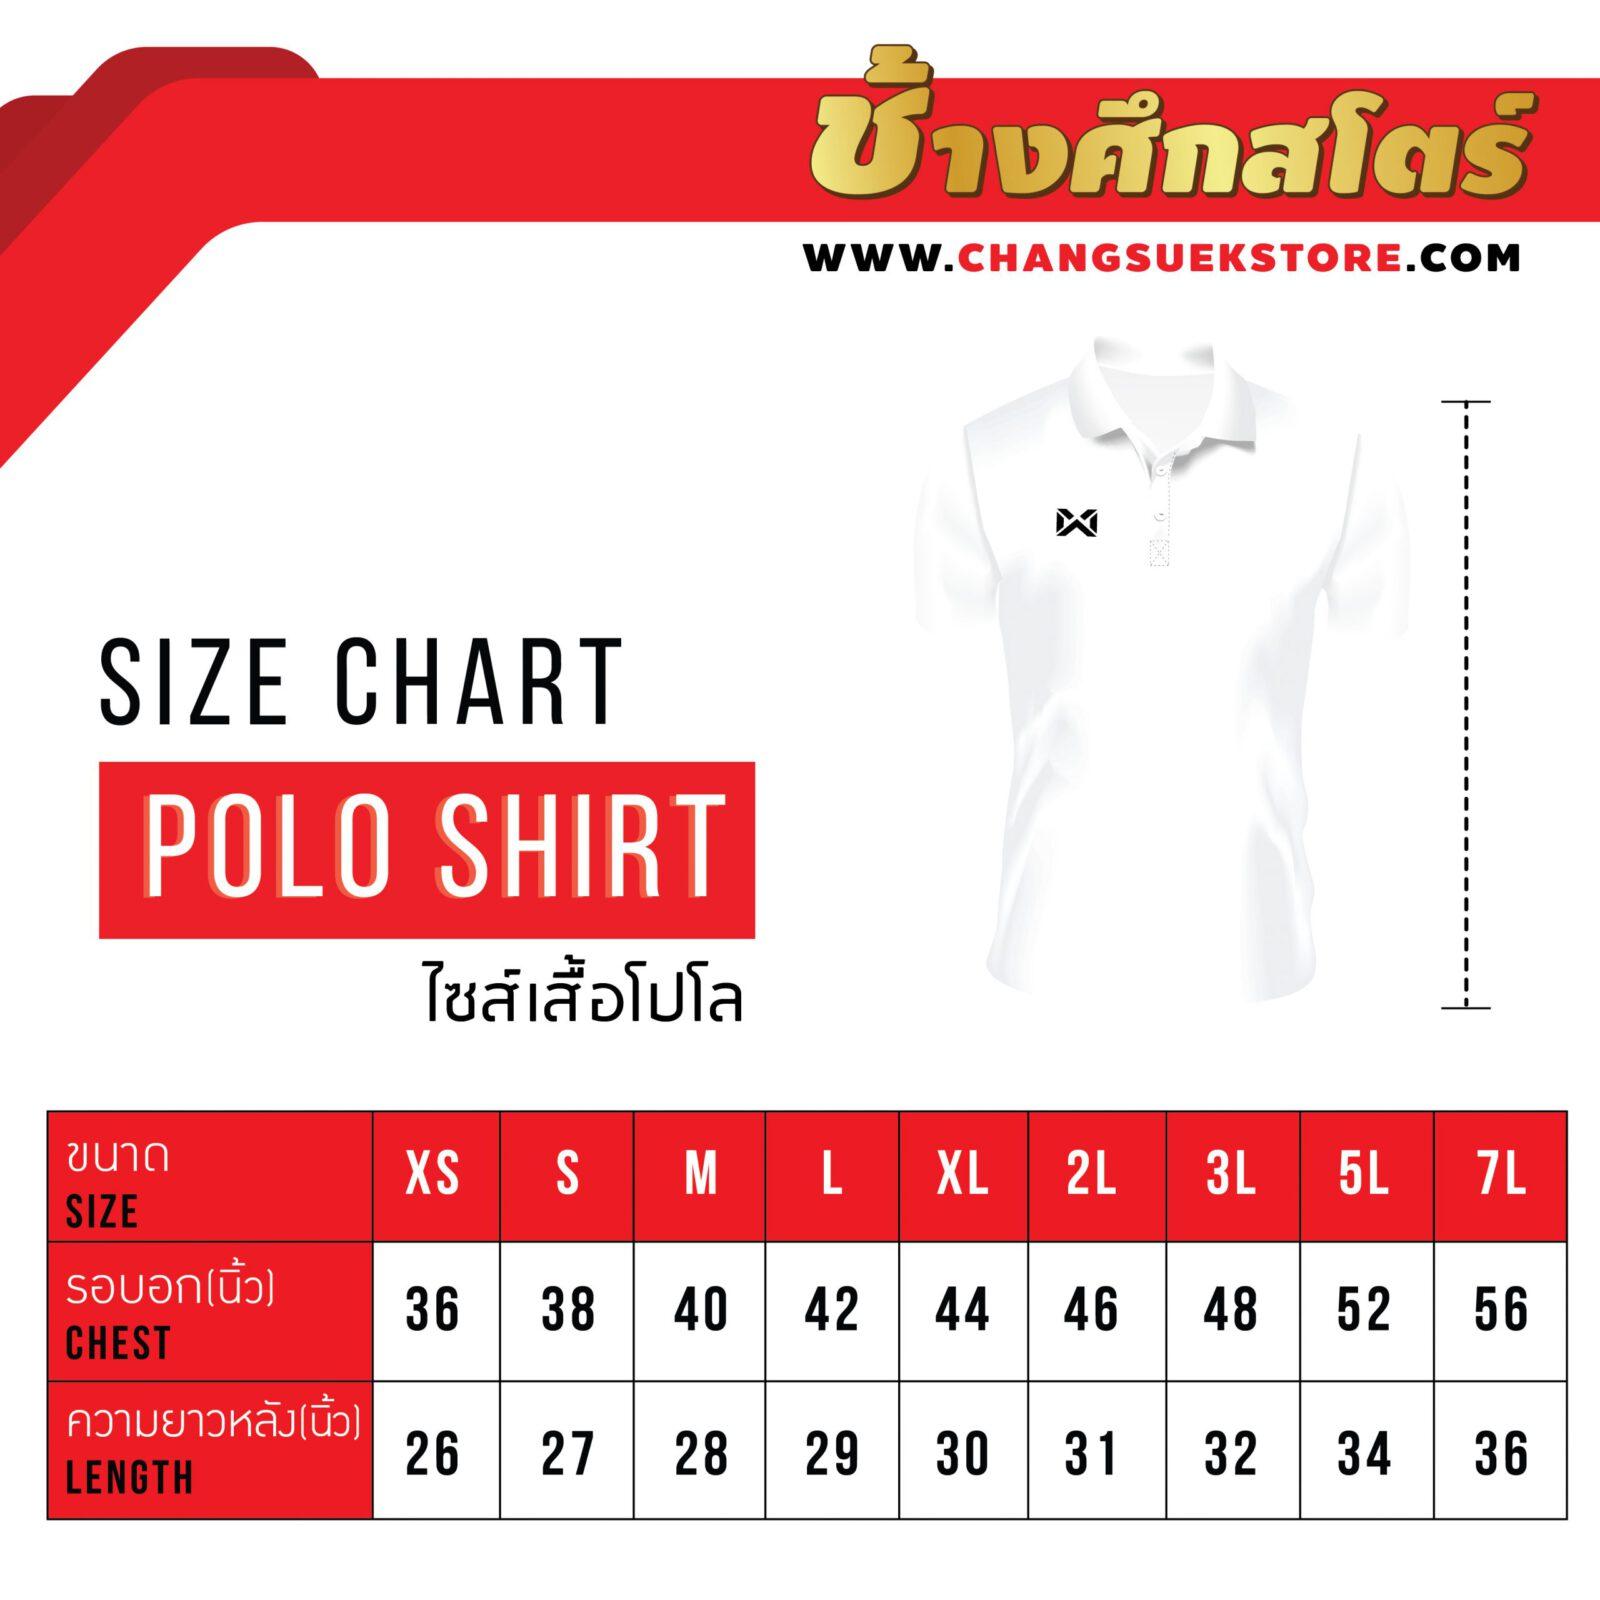 เสื้อโปโลช้างศึก ทีมชาติไทย รุ่น Limited สีเทา WA-18FT35M2-EE